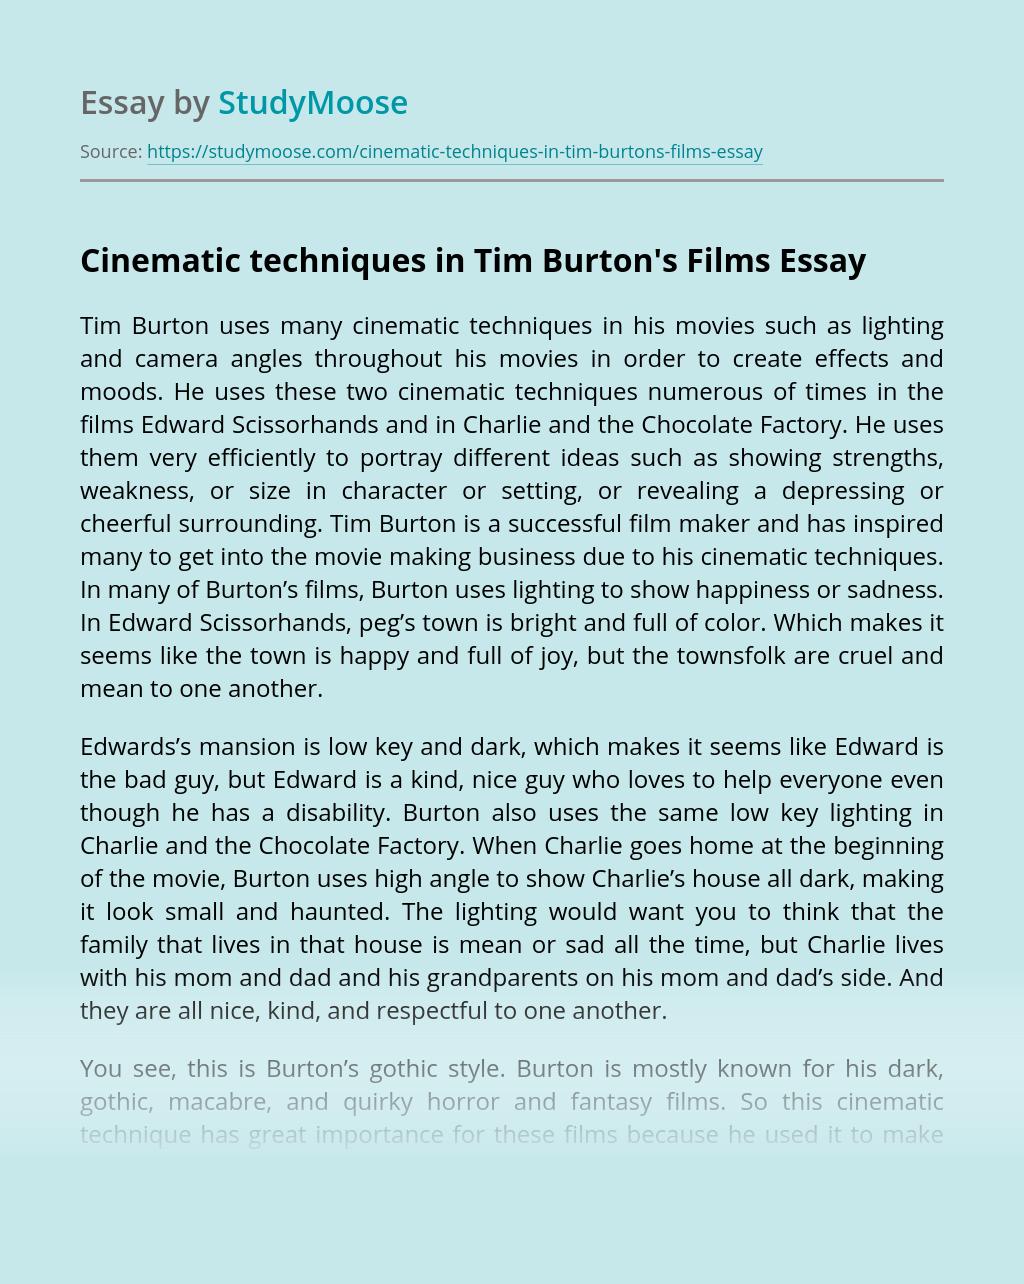 Cinematic techniques in Tim Burton's Films